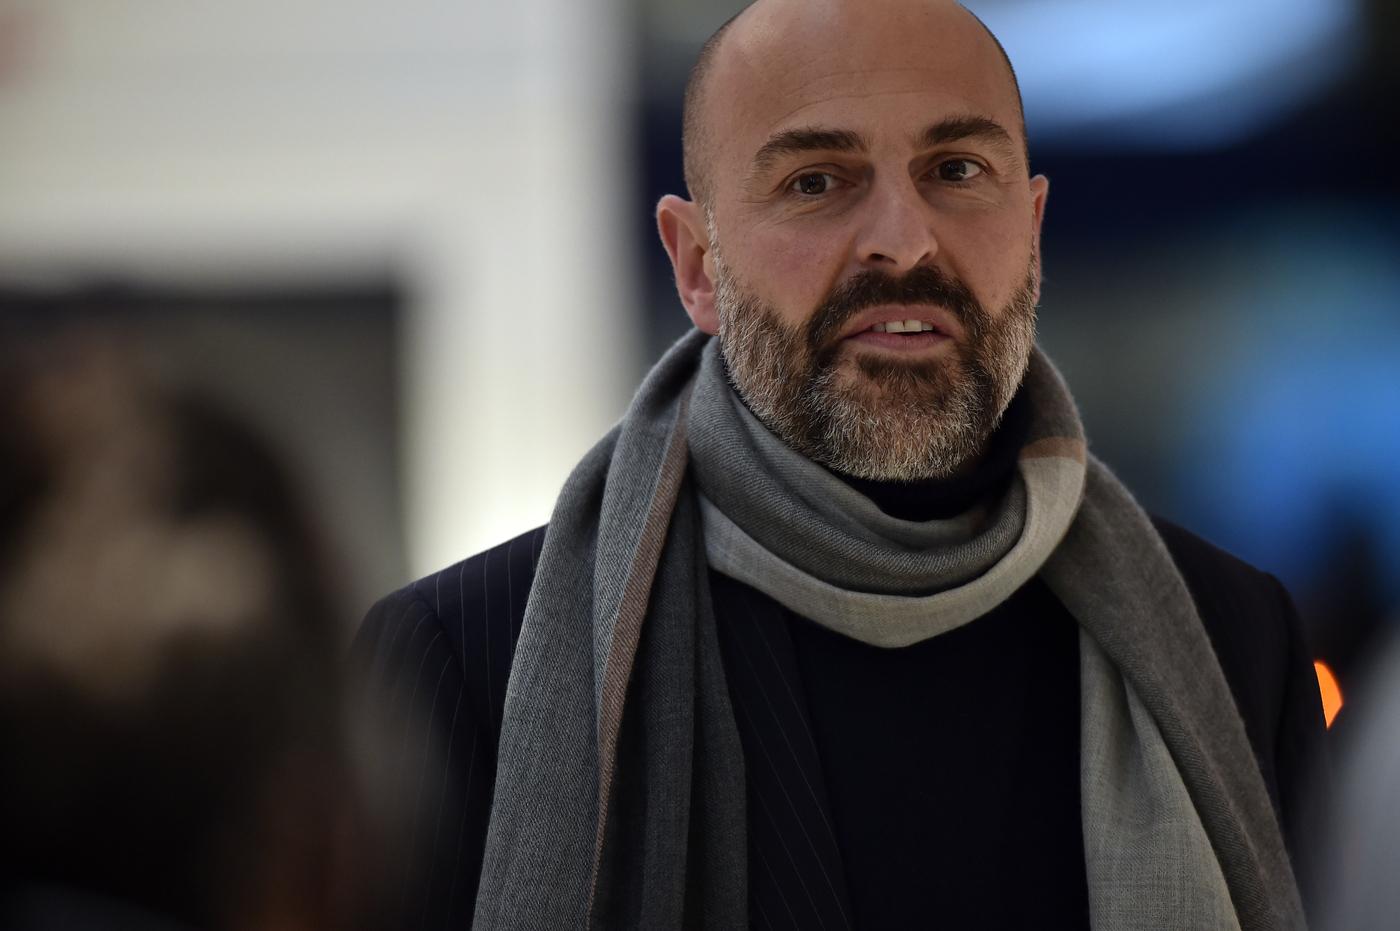 Alessandro Tocco/LaPresse